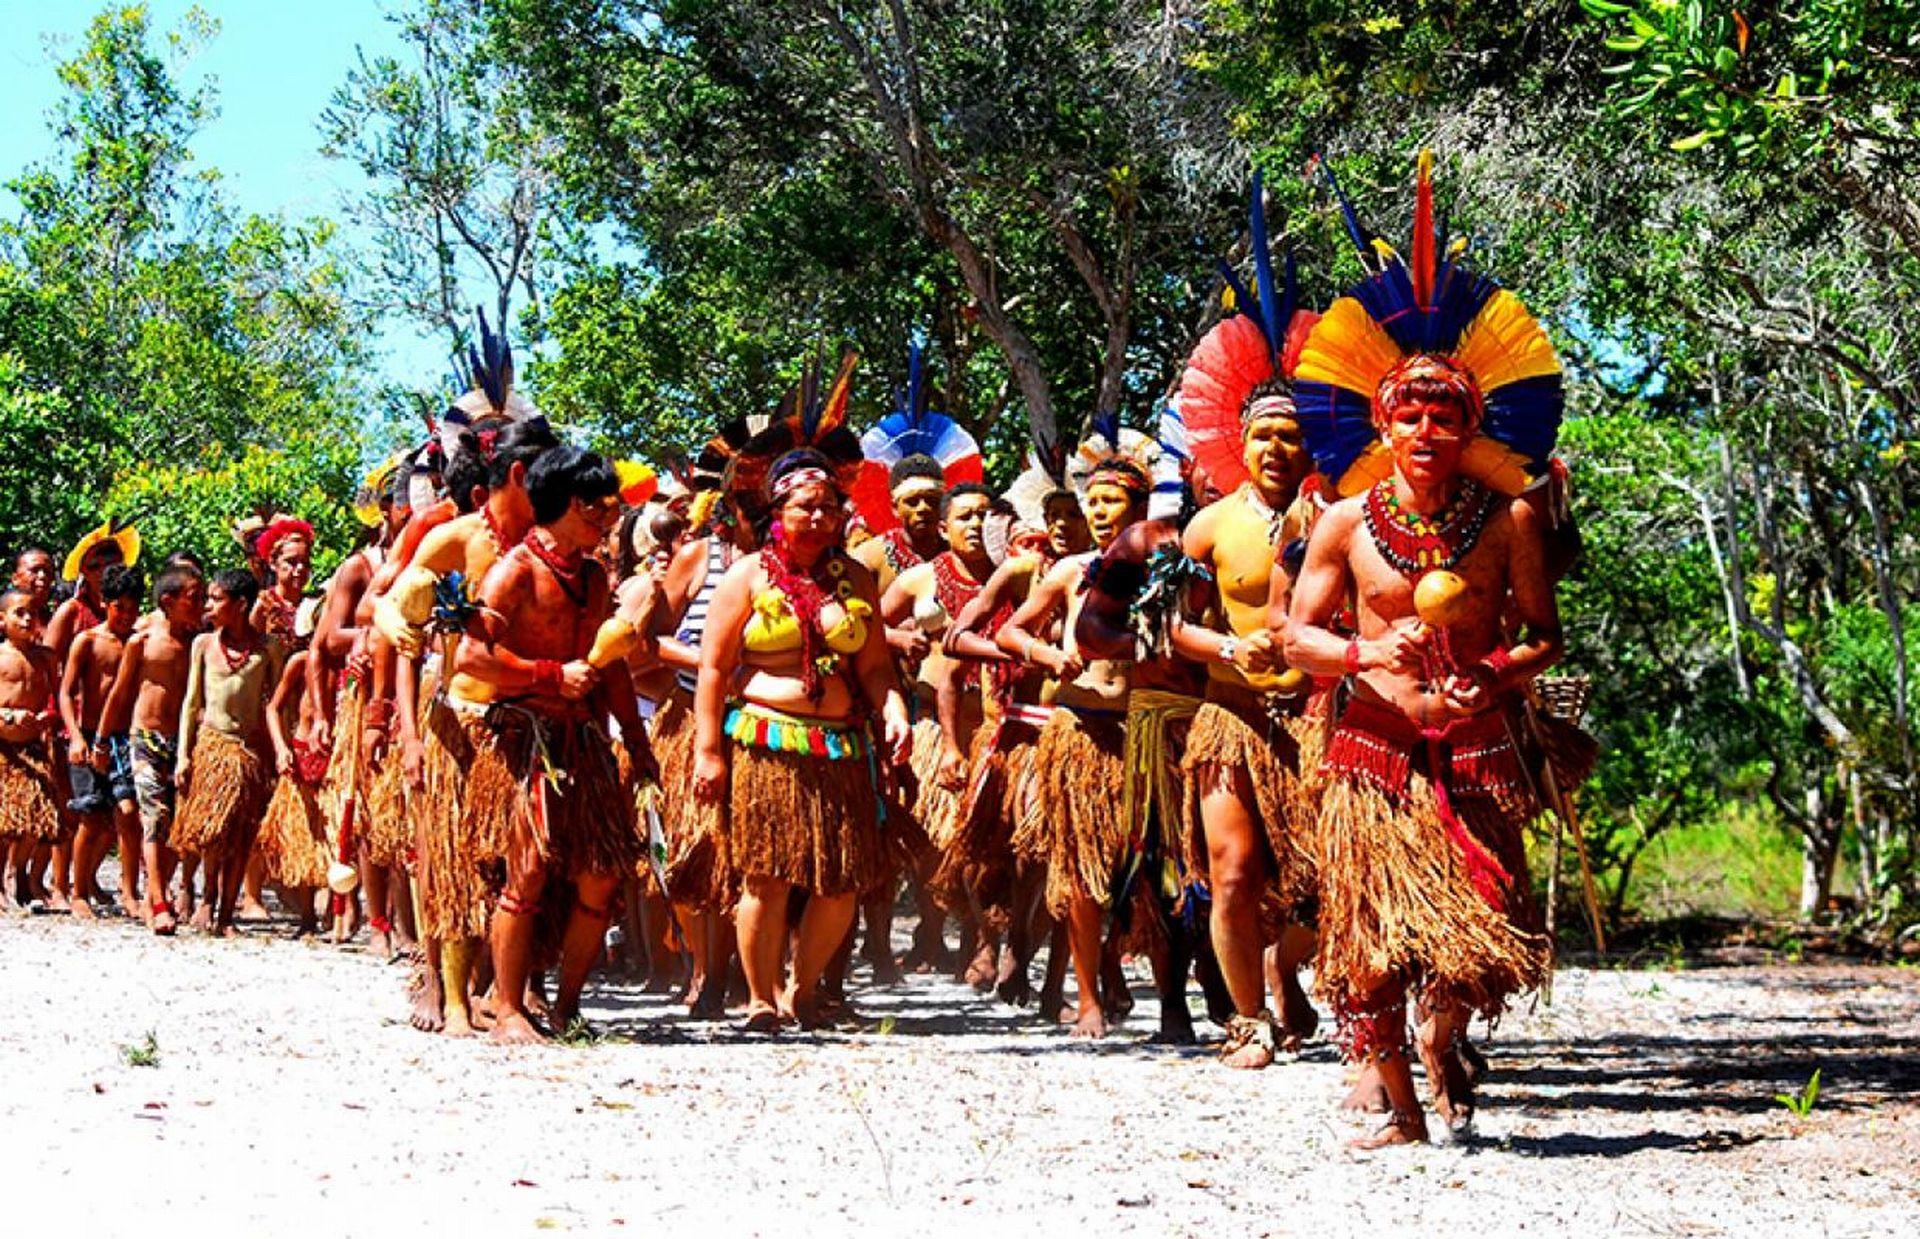 A Reserva Indígena Pataxó da Jaqueira, localizada a apenas 12 quilômetros do centro de Porto Seguro, preserva a história e os costumes dos índios que habitavam a região. Foto: divulgação.